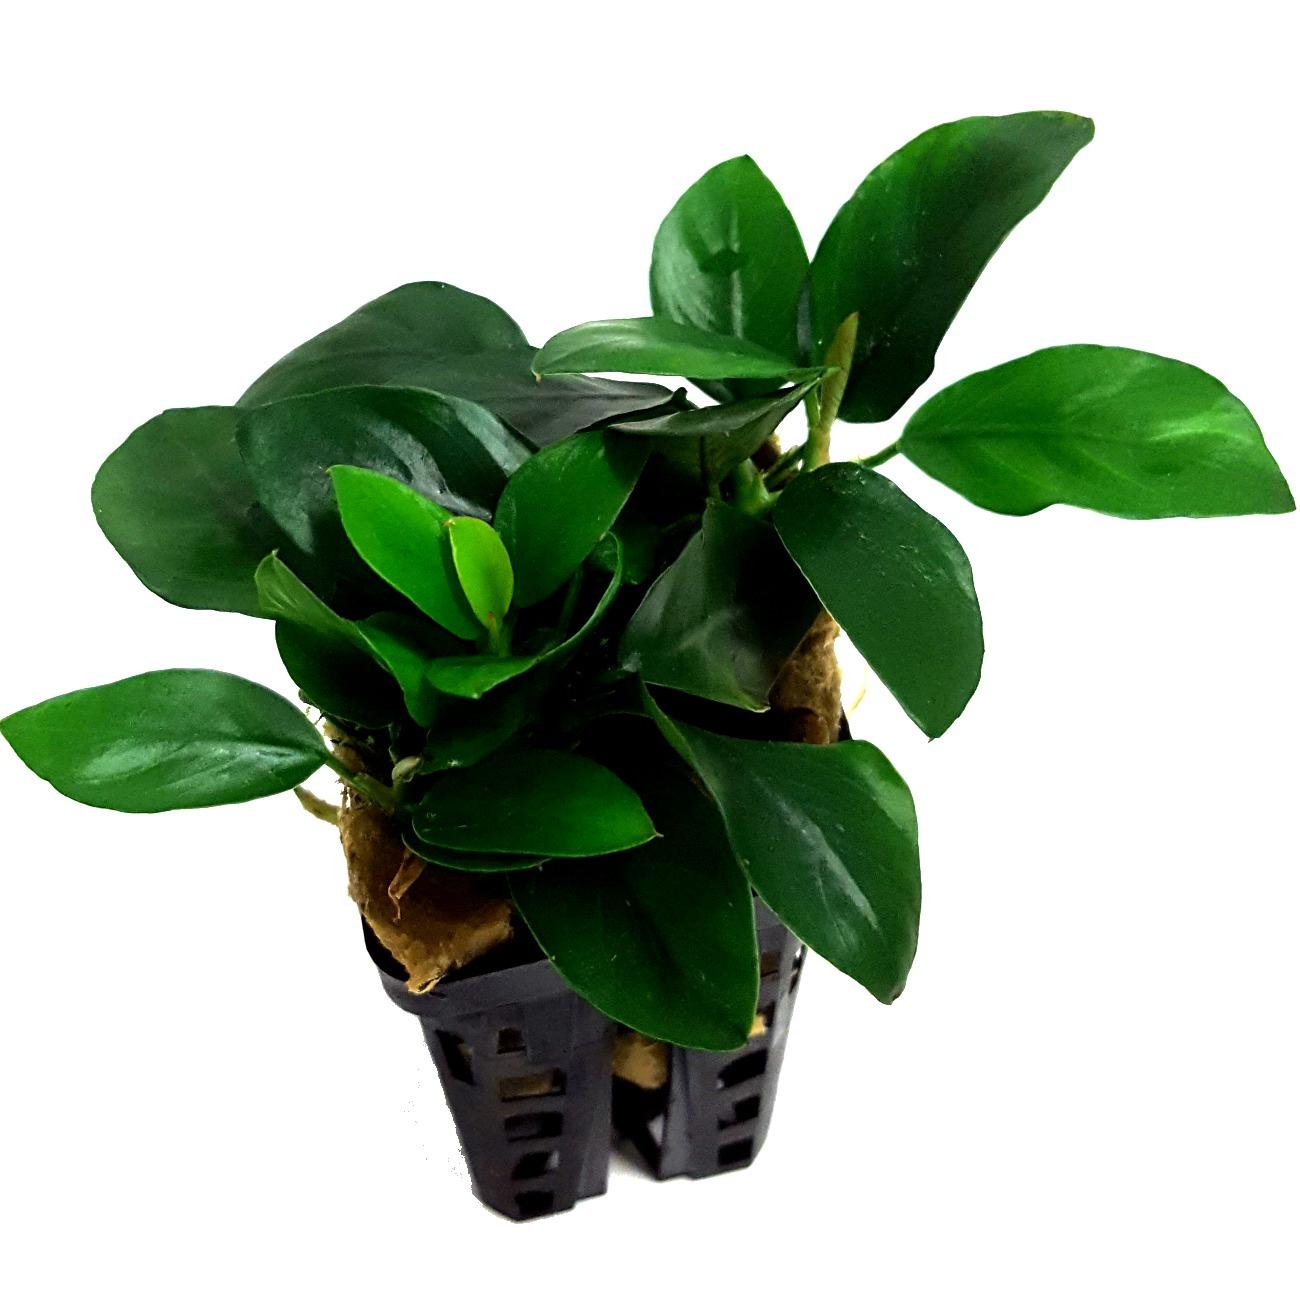 anubias-barteri-var-nana-plante-aquarium-akouashop